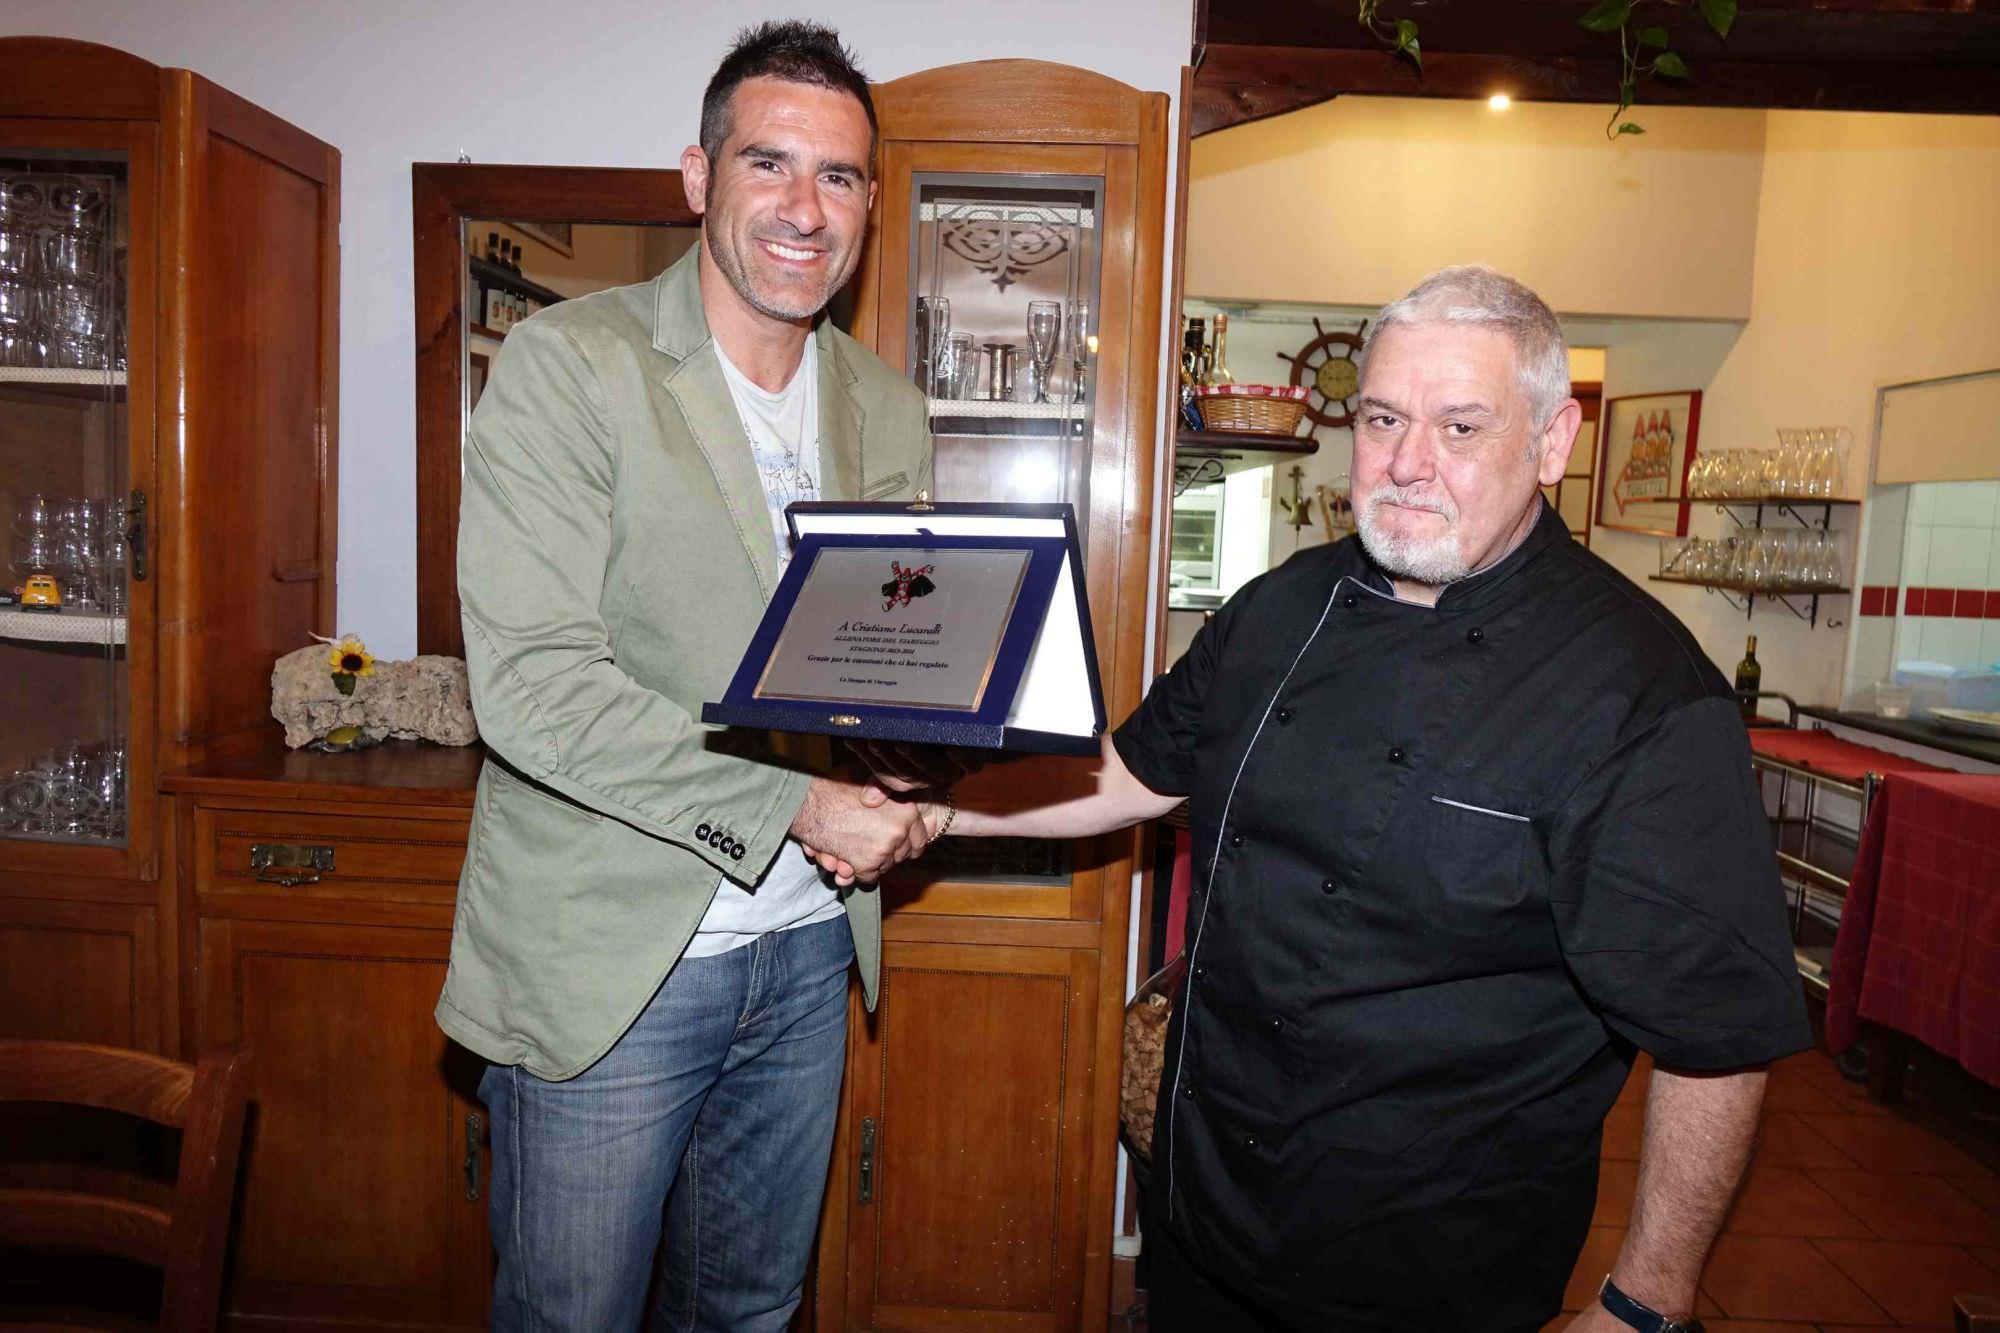 La stampa viareggina premia Lucarelli e Conticchio